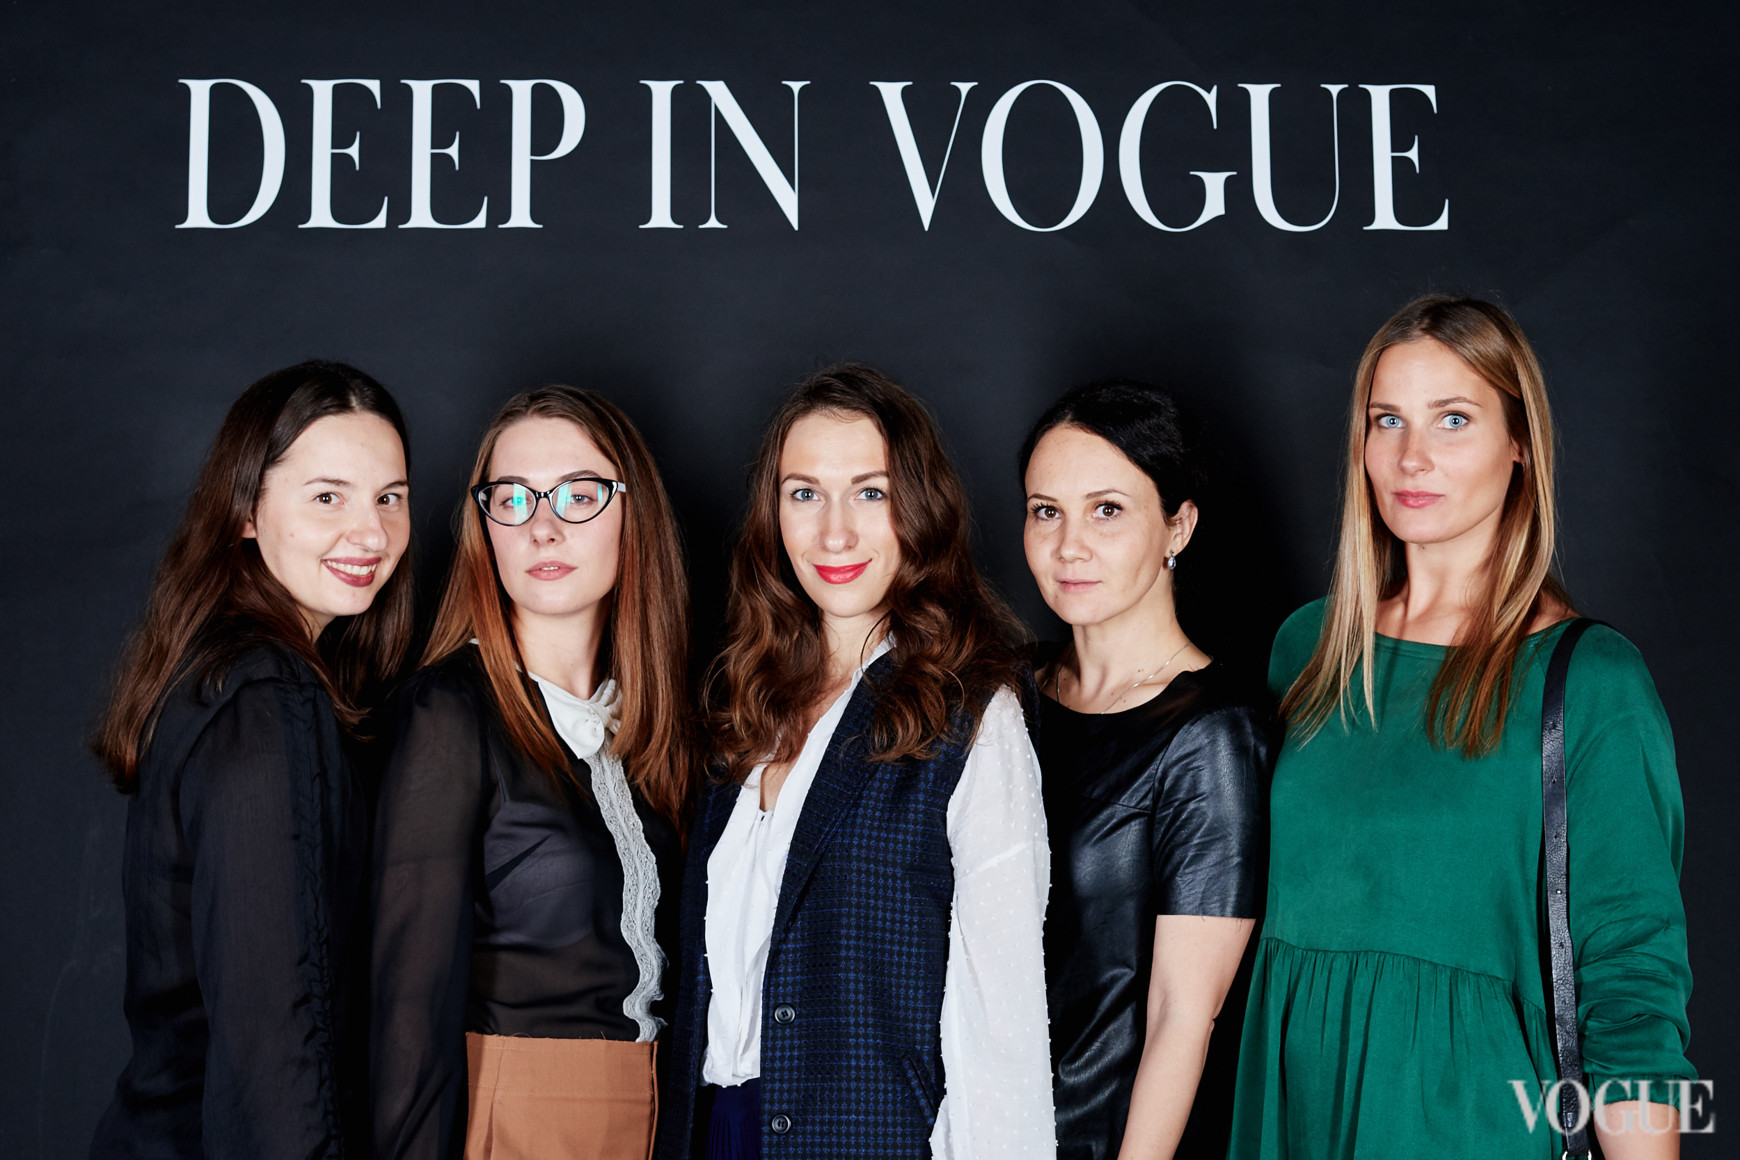 Виолетта Федорова, Мария Жданова, Дарья Слободяник, Анастасия Яворская и Полина Митлошук